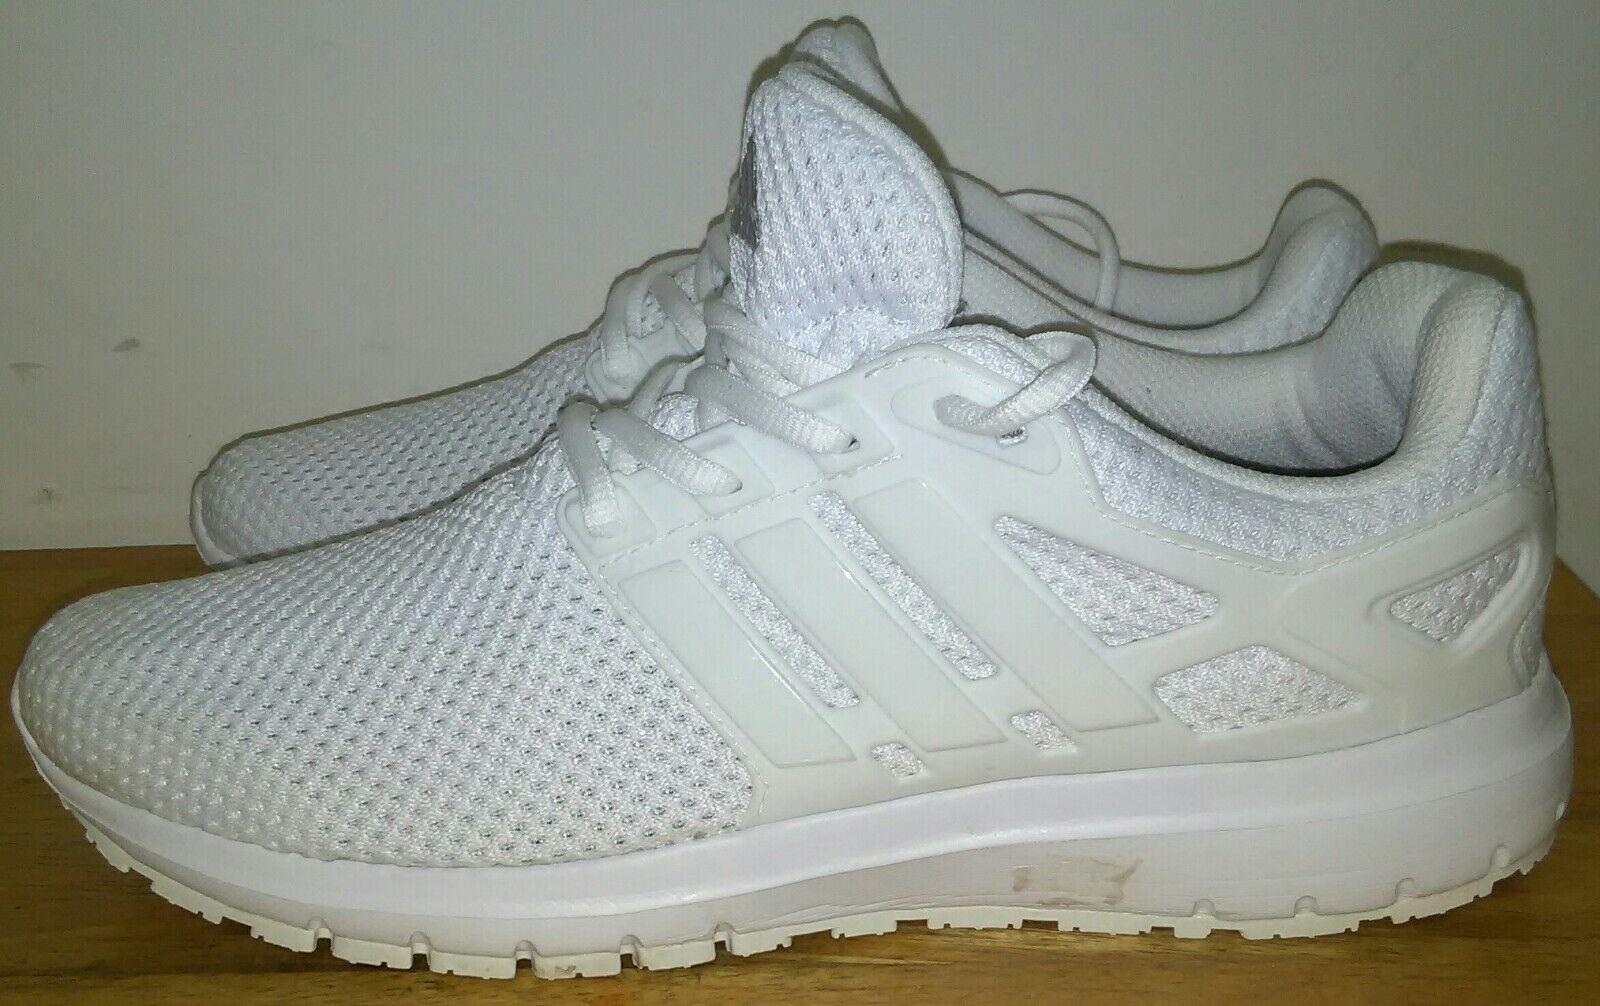 ADIDAS Energy Cloud Cloudfoam Men's Running shoes WTC WTC WTC BY2207 Triple White.Sz 9.5 1833d0